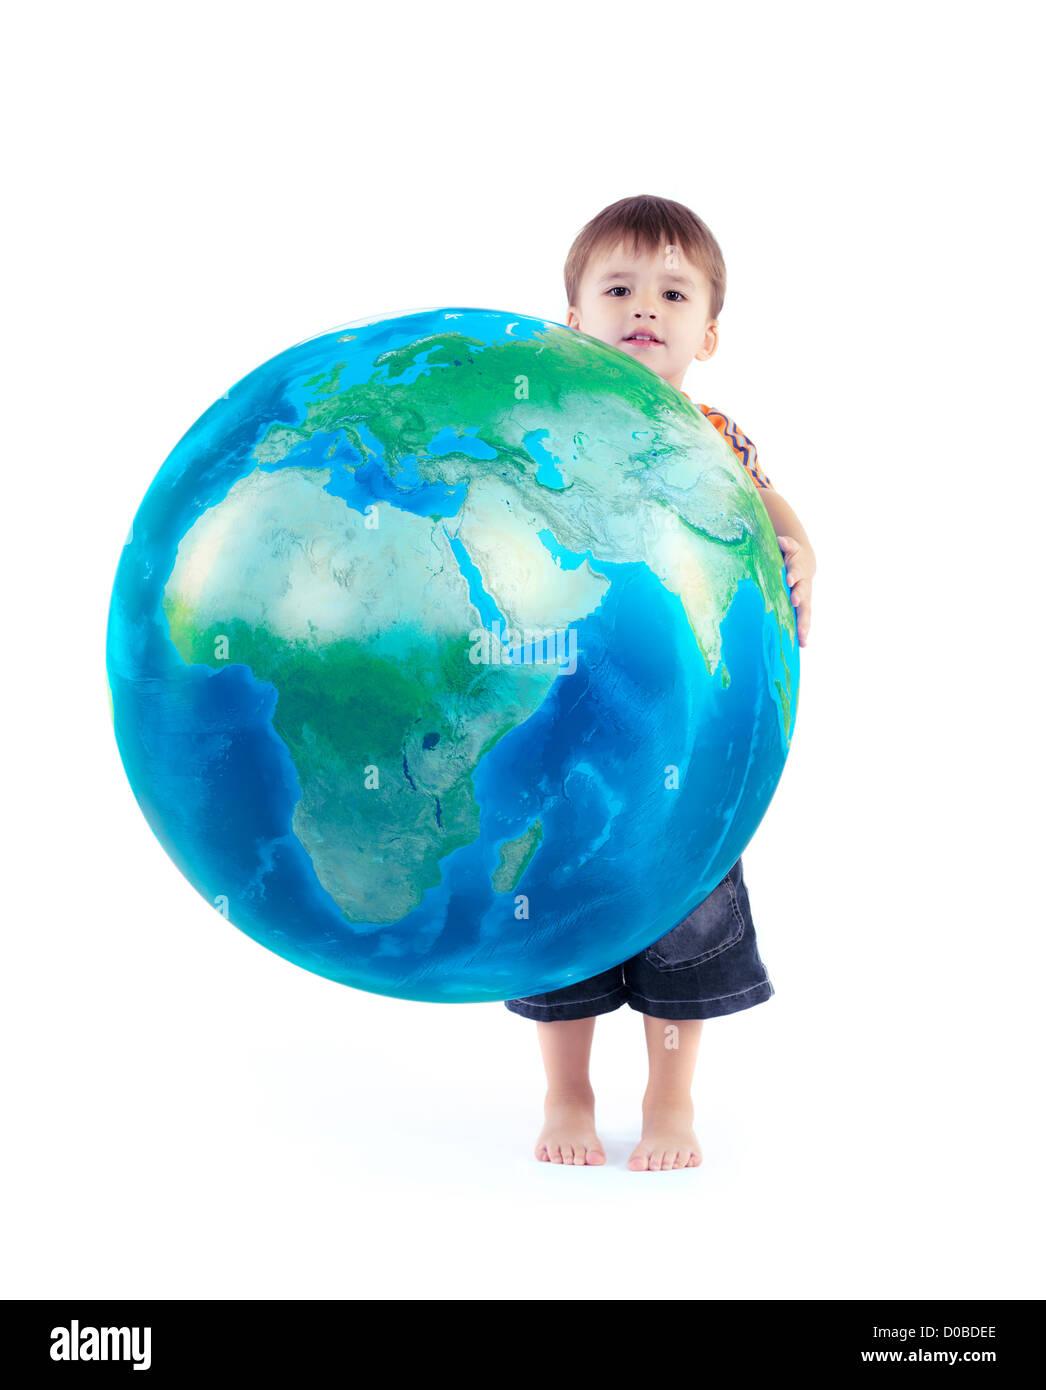 Little Boy holding world blue planet Earth globe dans ses mains, photo conceptuelle isolé sur fond blanc. Photo Stock